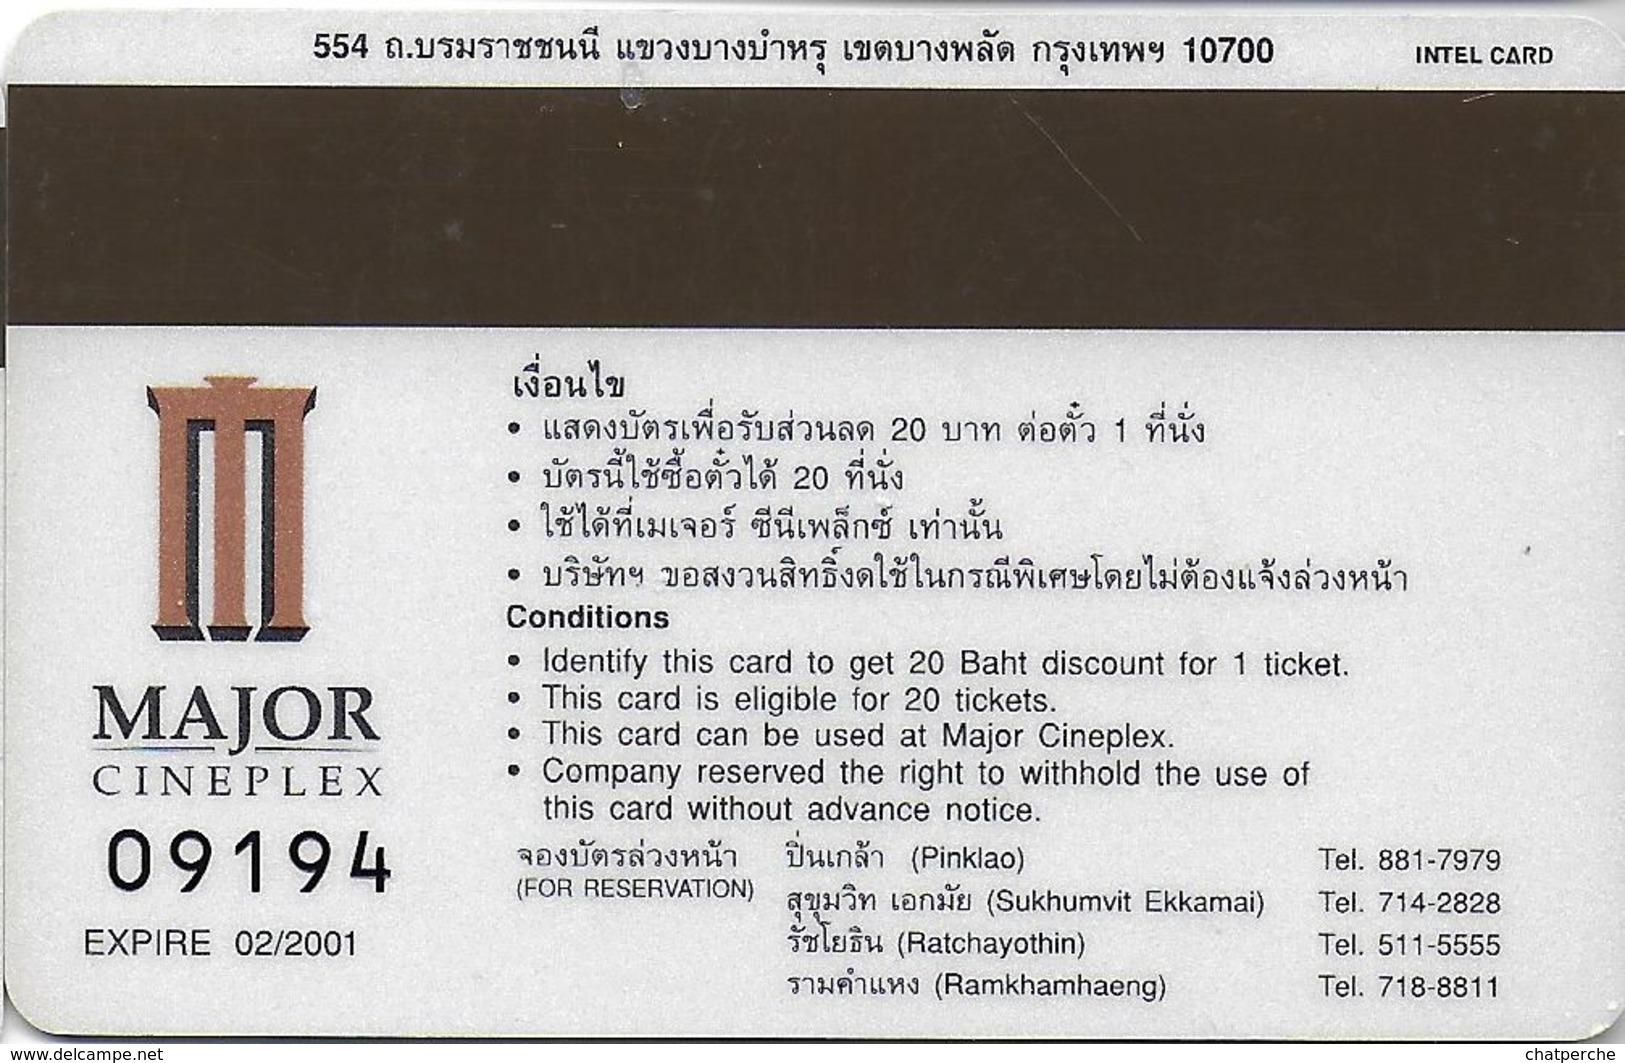 THAÏLANDE CINECARTE PHONECARD CARTE BANDE MAGNETIQUE STUART LITTLE  02/2001  MAJOR CINEPLEX - Thaïlande